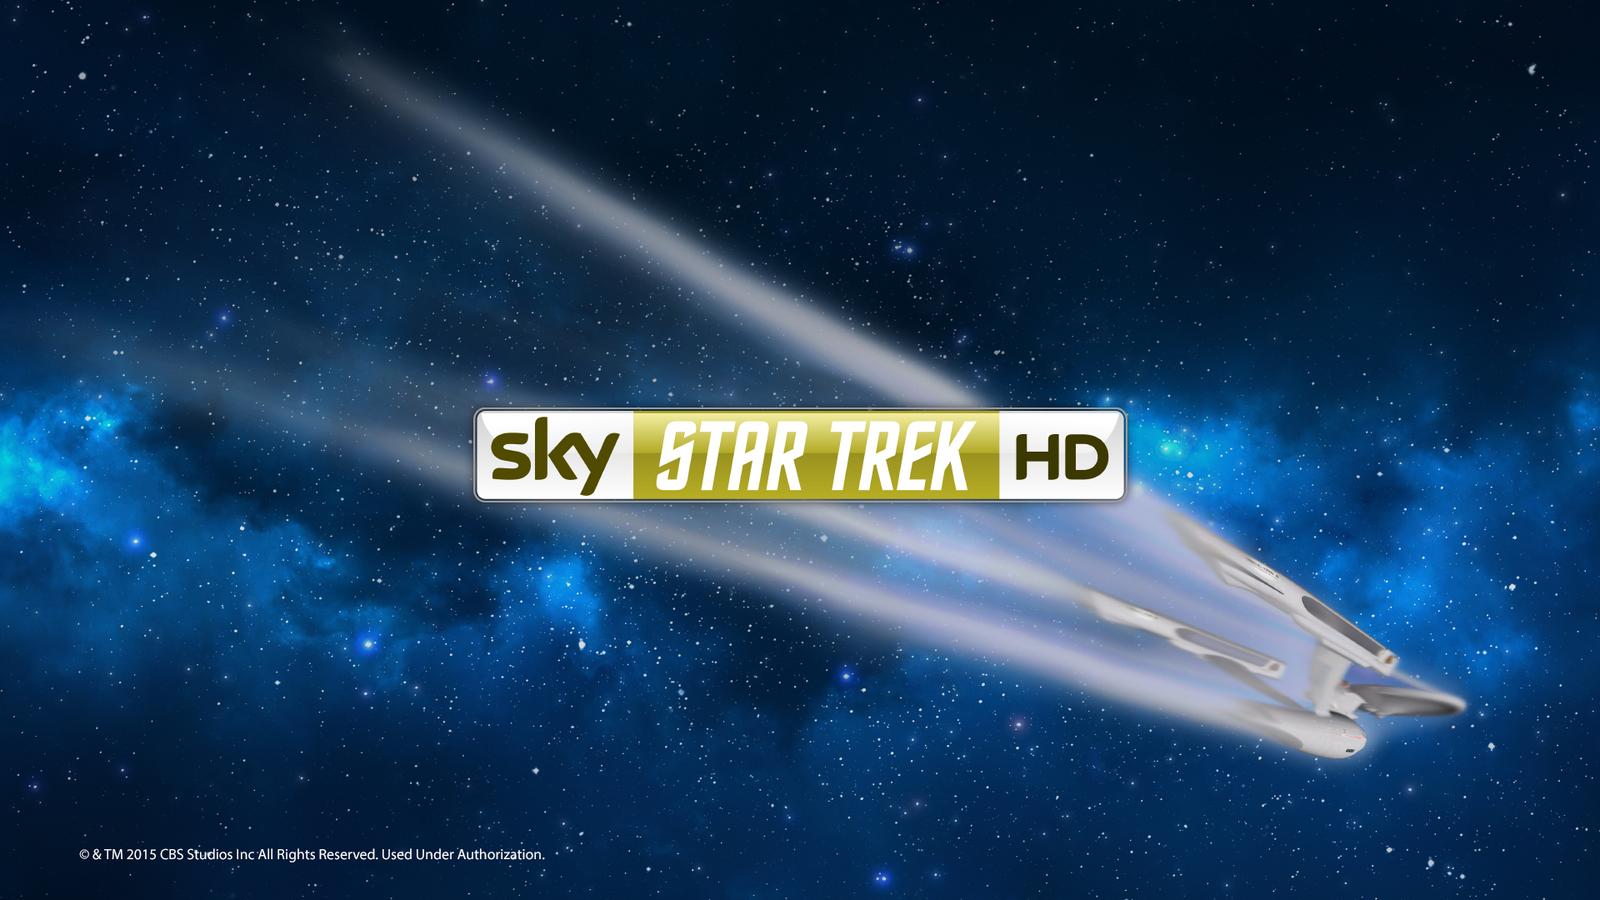 Star Trek Sky